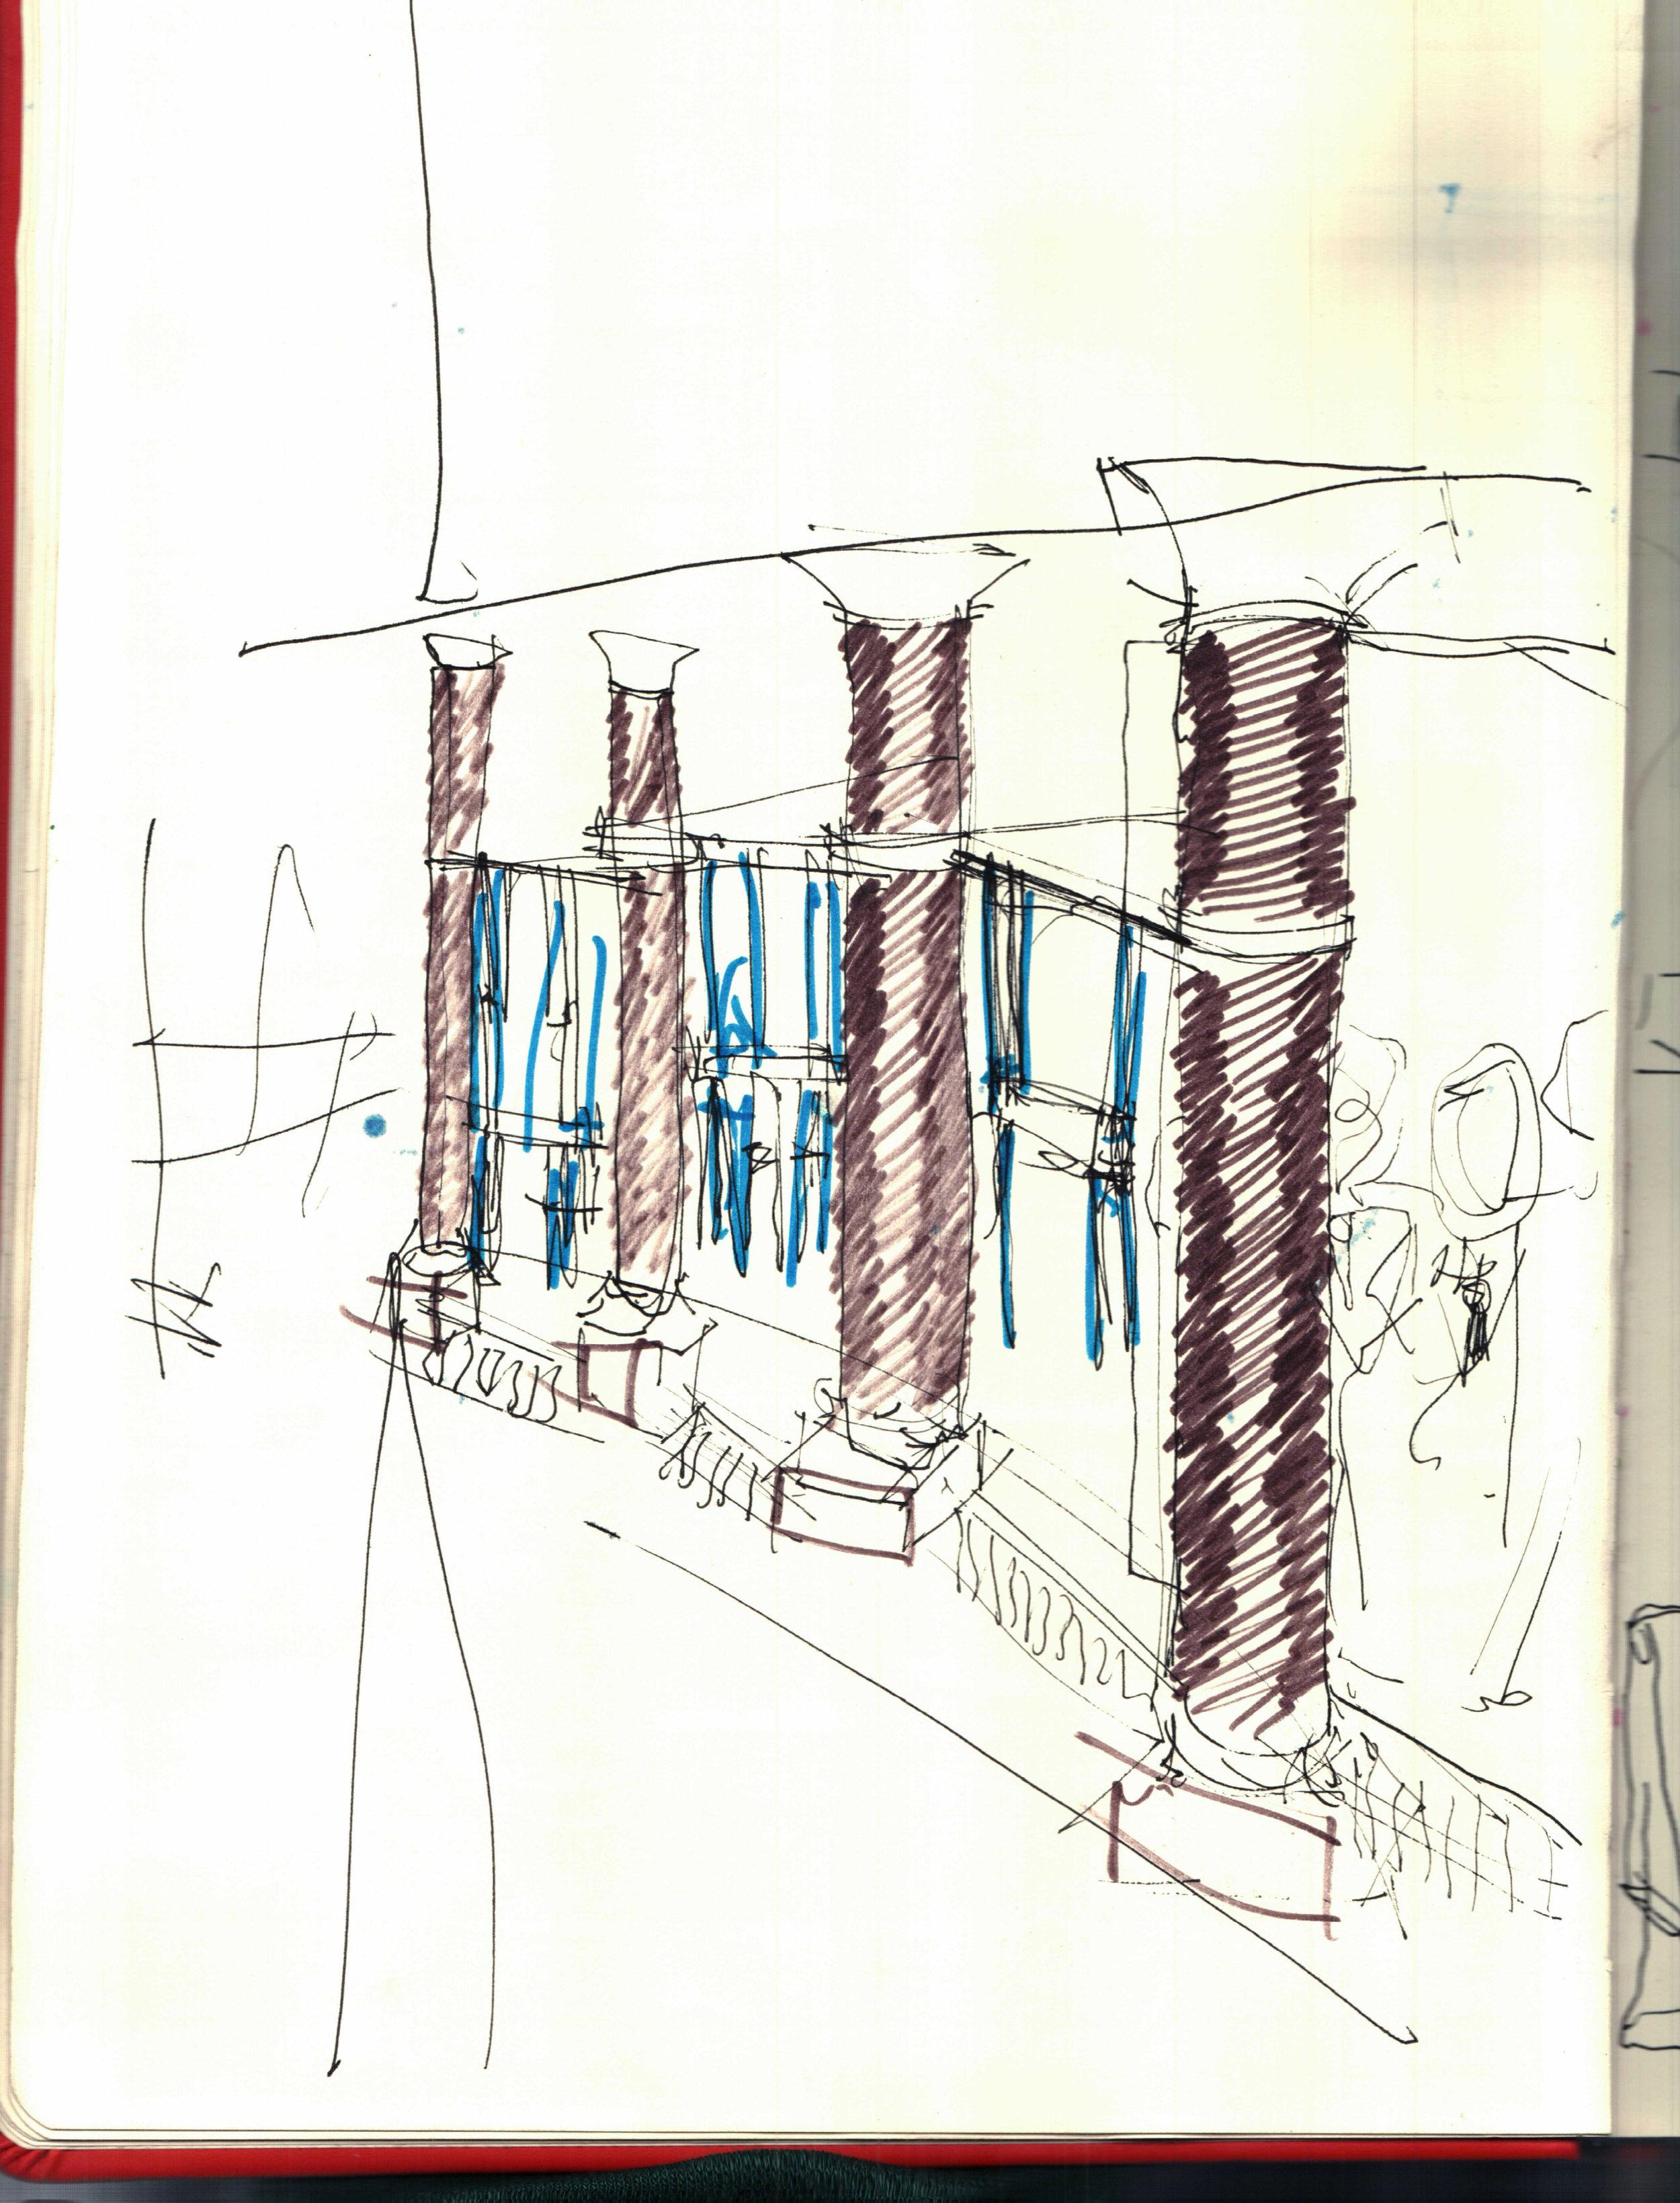 cuaderno8.jpg